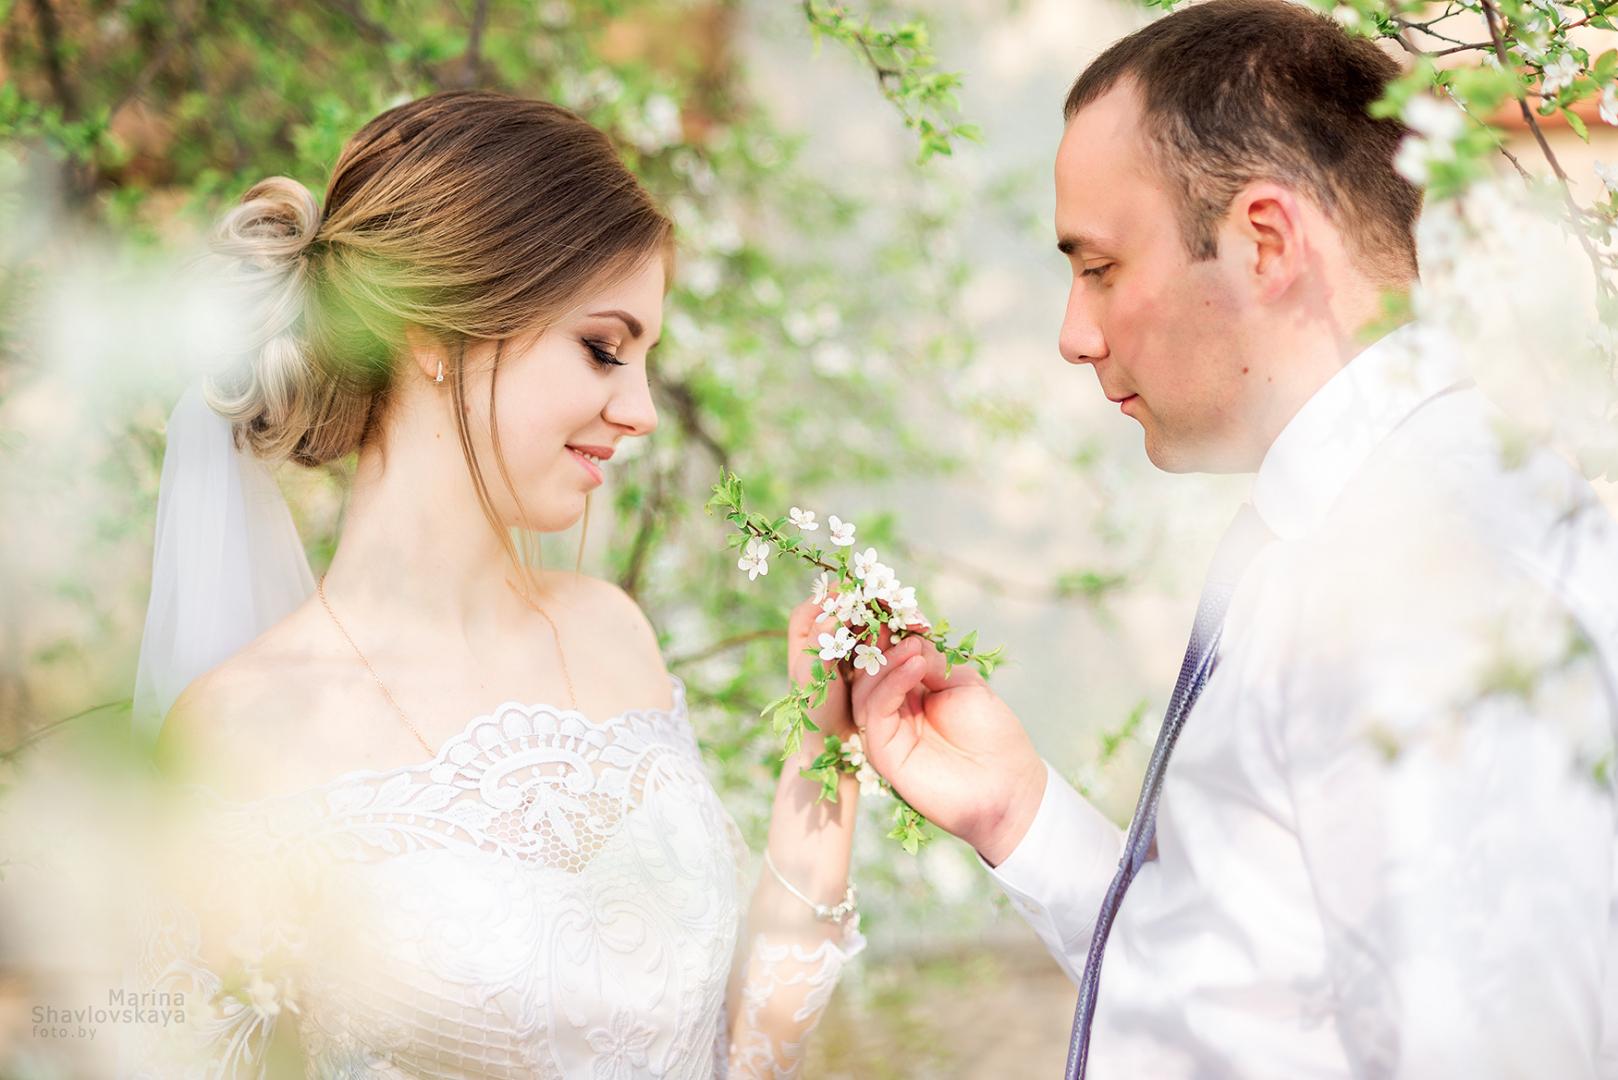 Где найти фотографа на свадьбу гомель